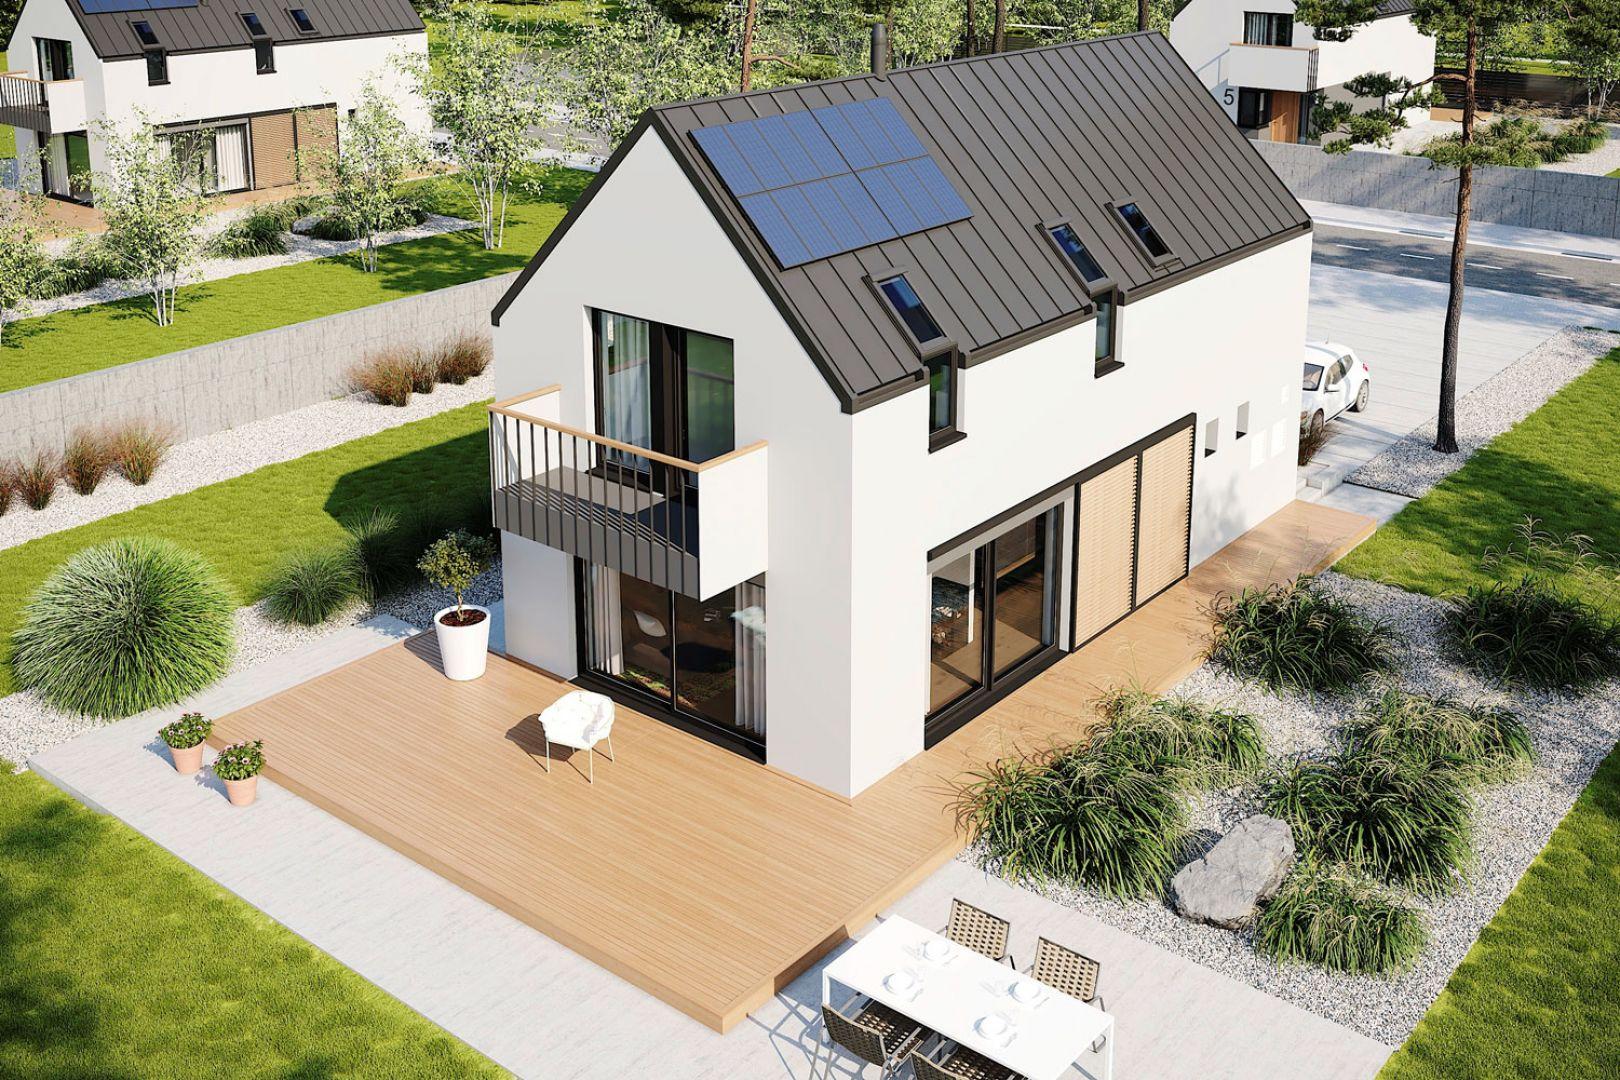 Projekt Moniczka III Energo Plus reco to znakomita propozycja dla inwestorów, którzy szukają energooszczędnego domu na wąską działkę. Projekt: pracownia Archipelag